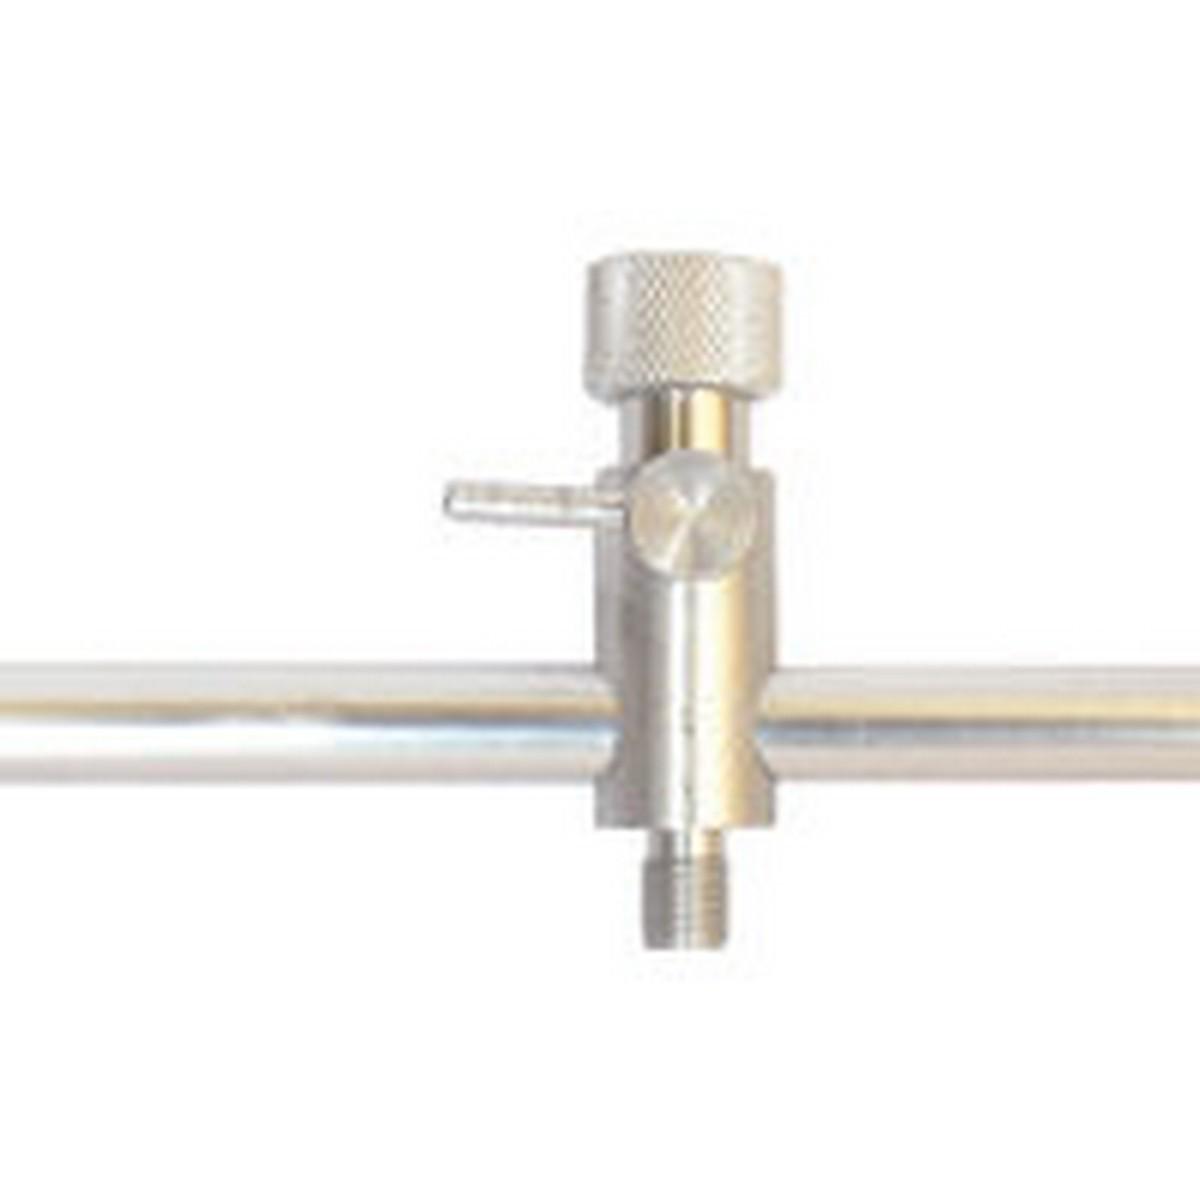 Buzzer Bar Focus 40-67см